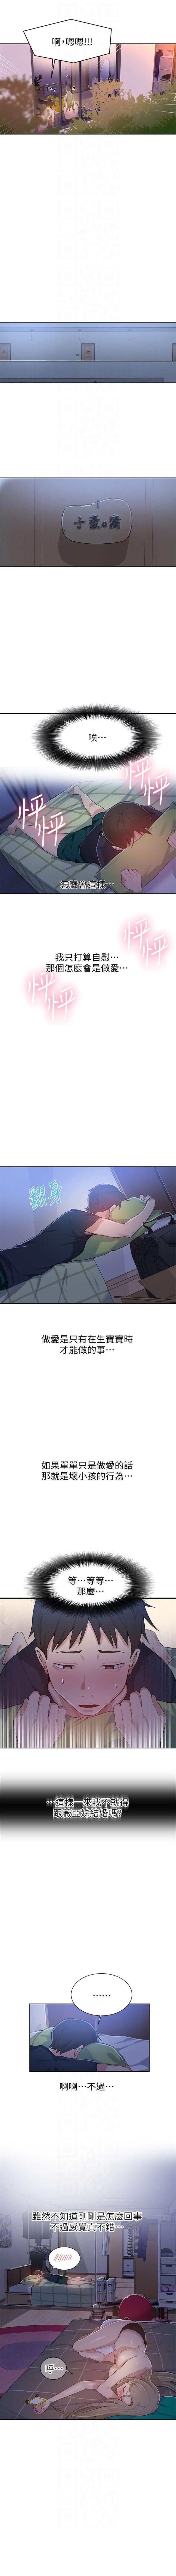 (週6)秘密教學  1-35 中文翻譯 (更新中) 69